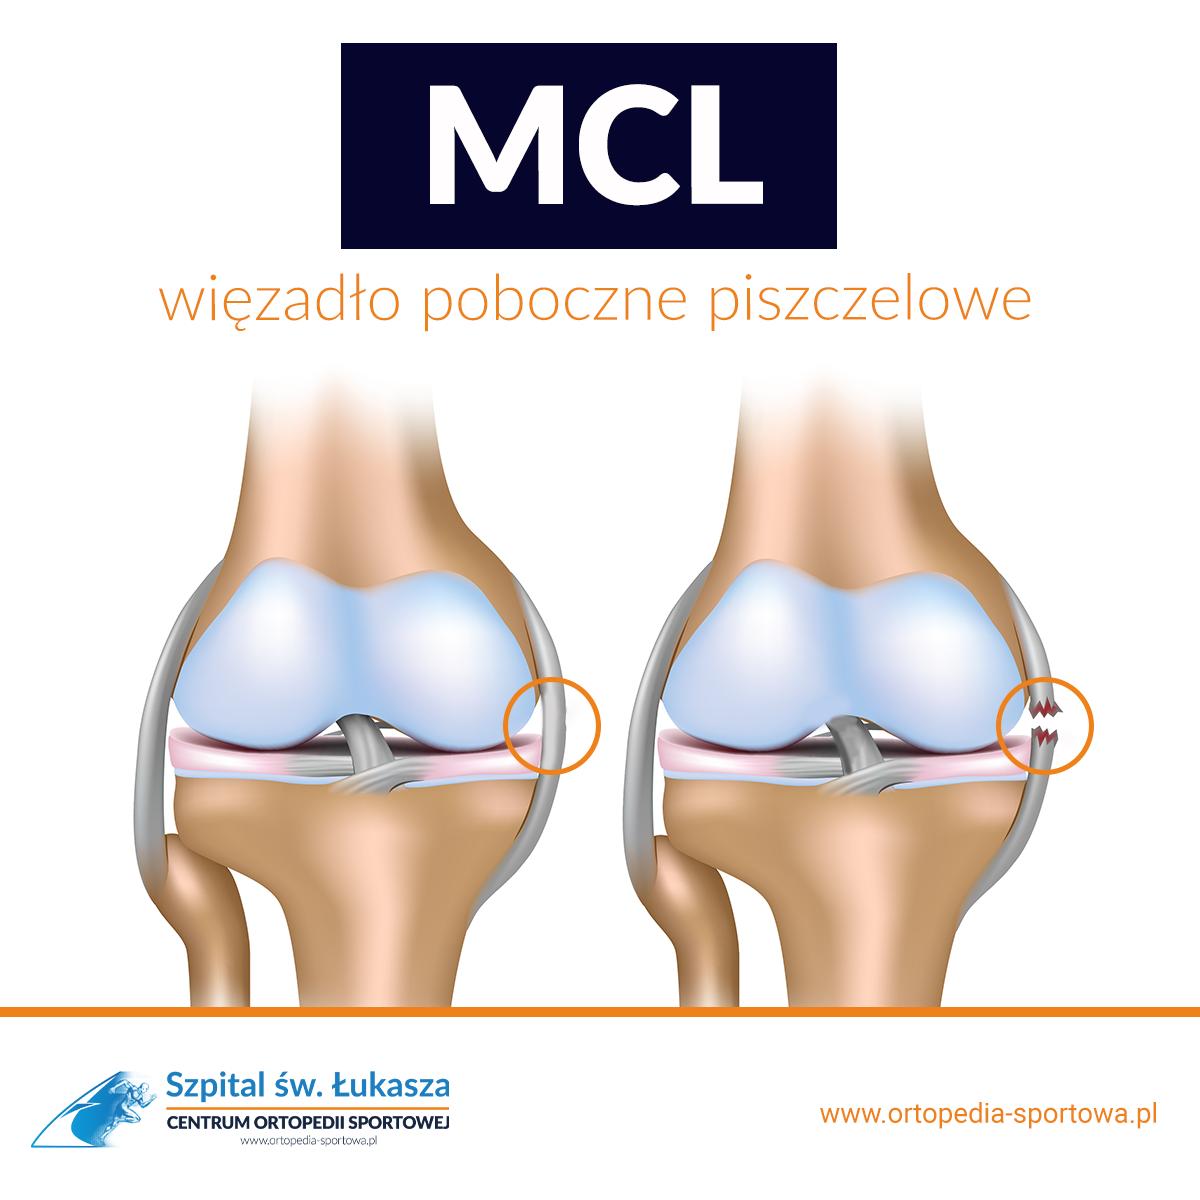 MCL więzadło ortopedia piszczelowe